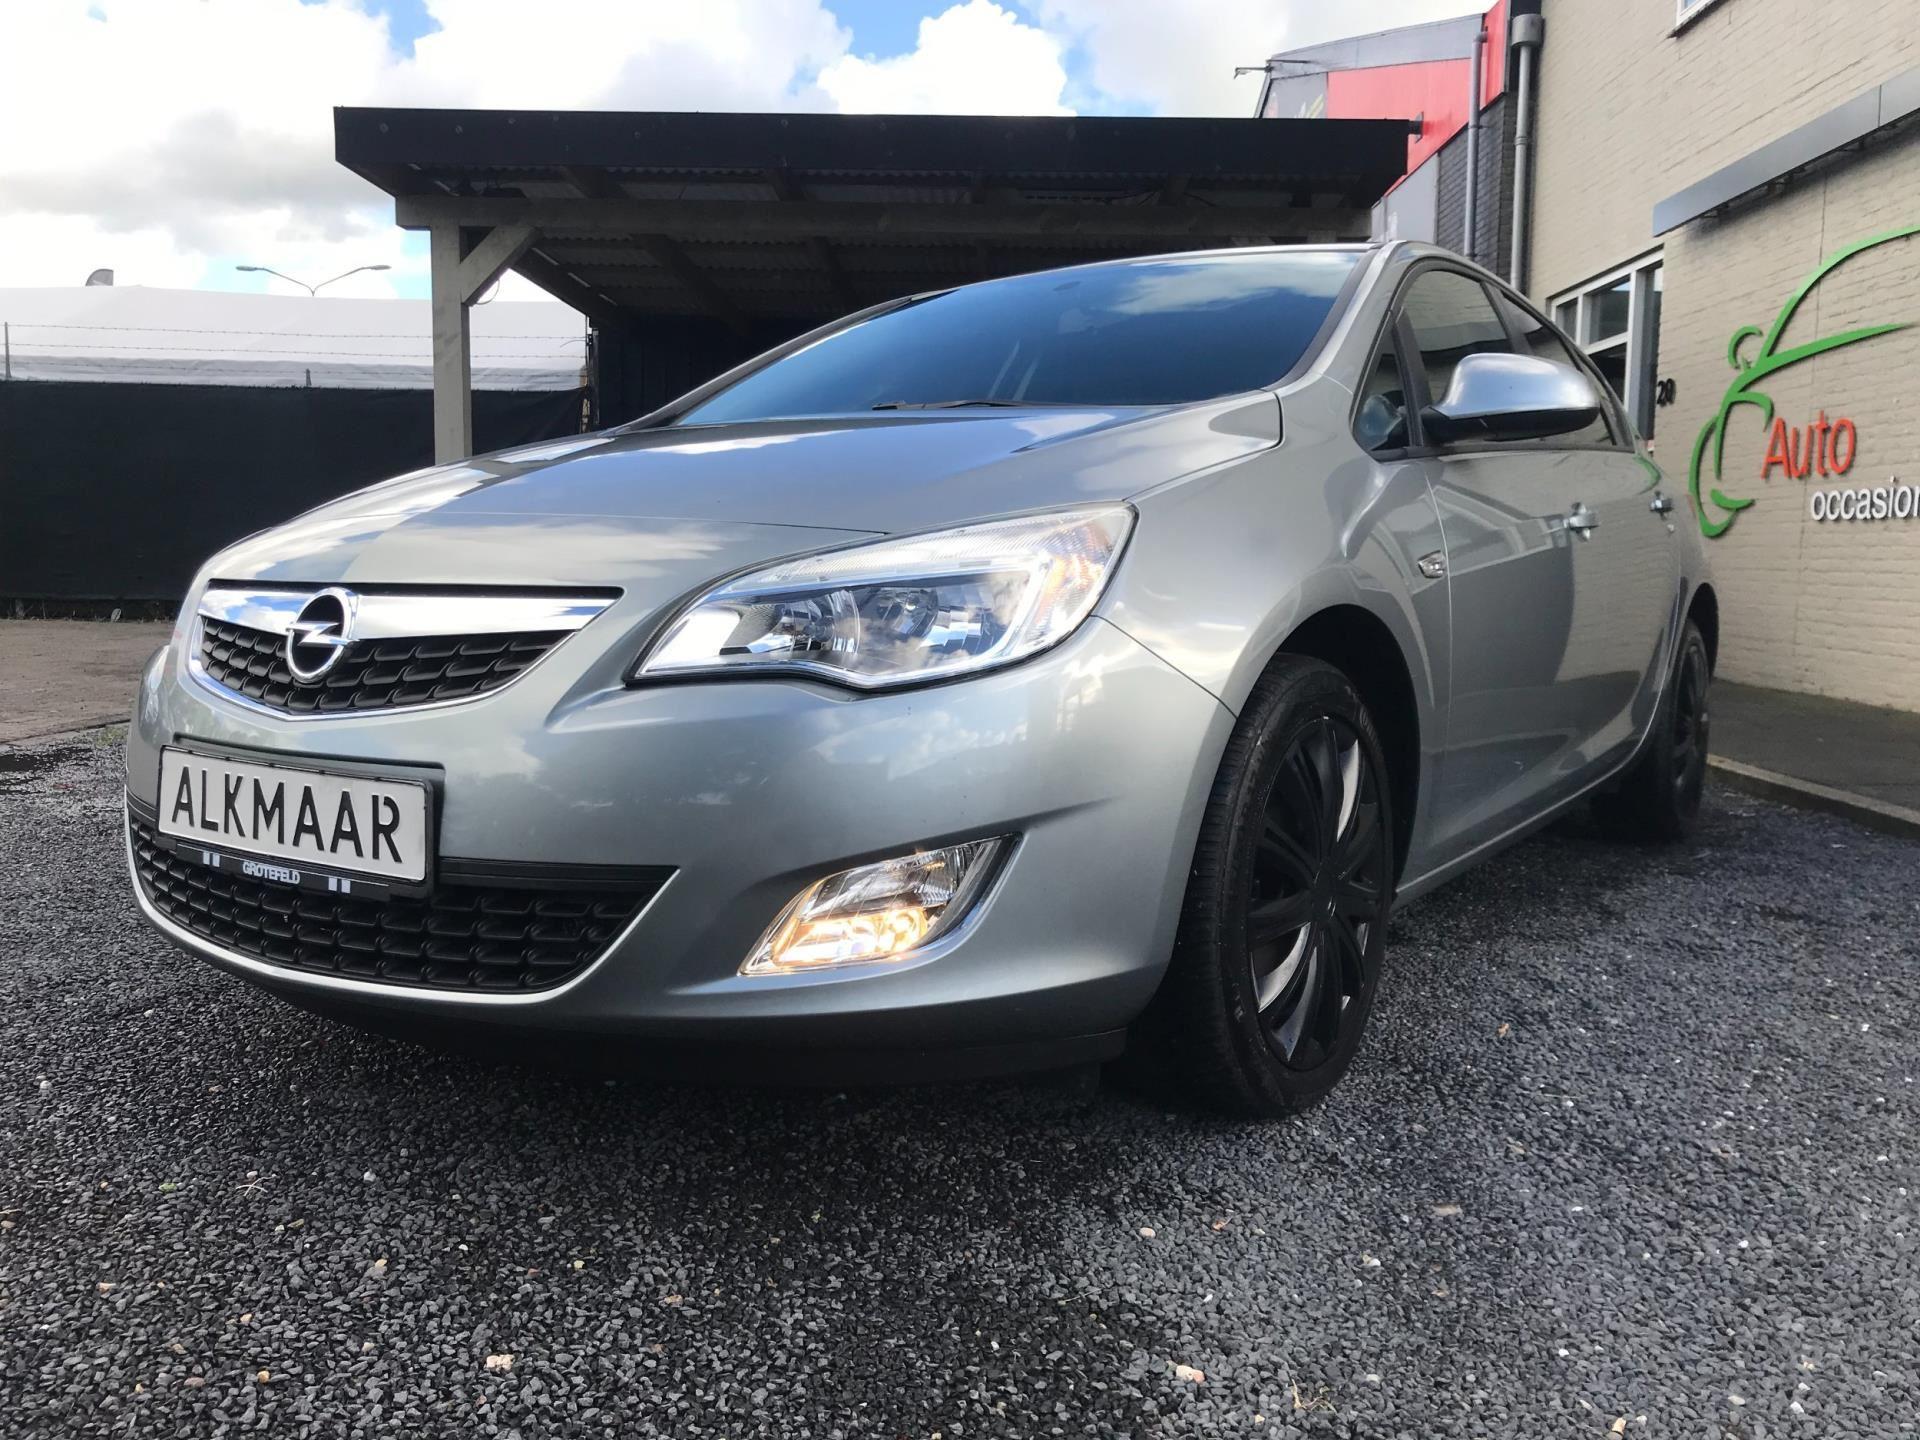 Opel Astra occasion - Autoverkoop Alkmaar